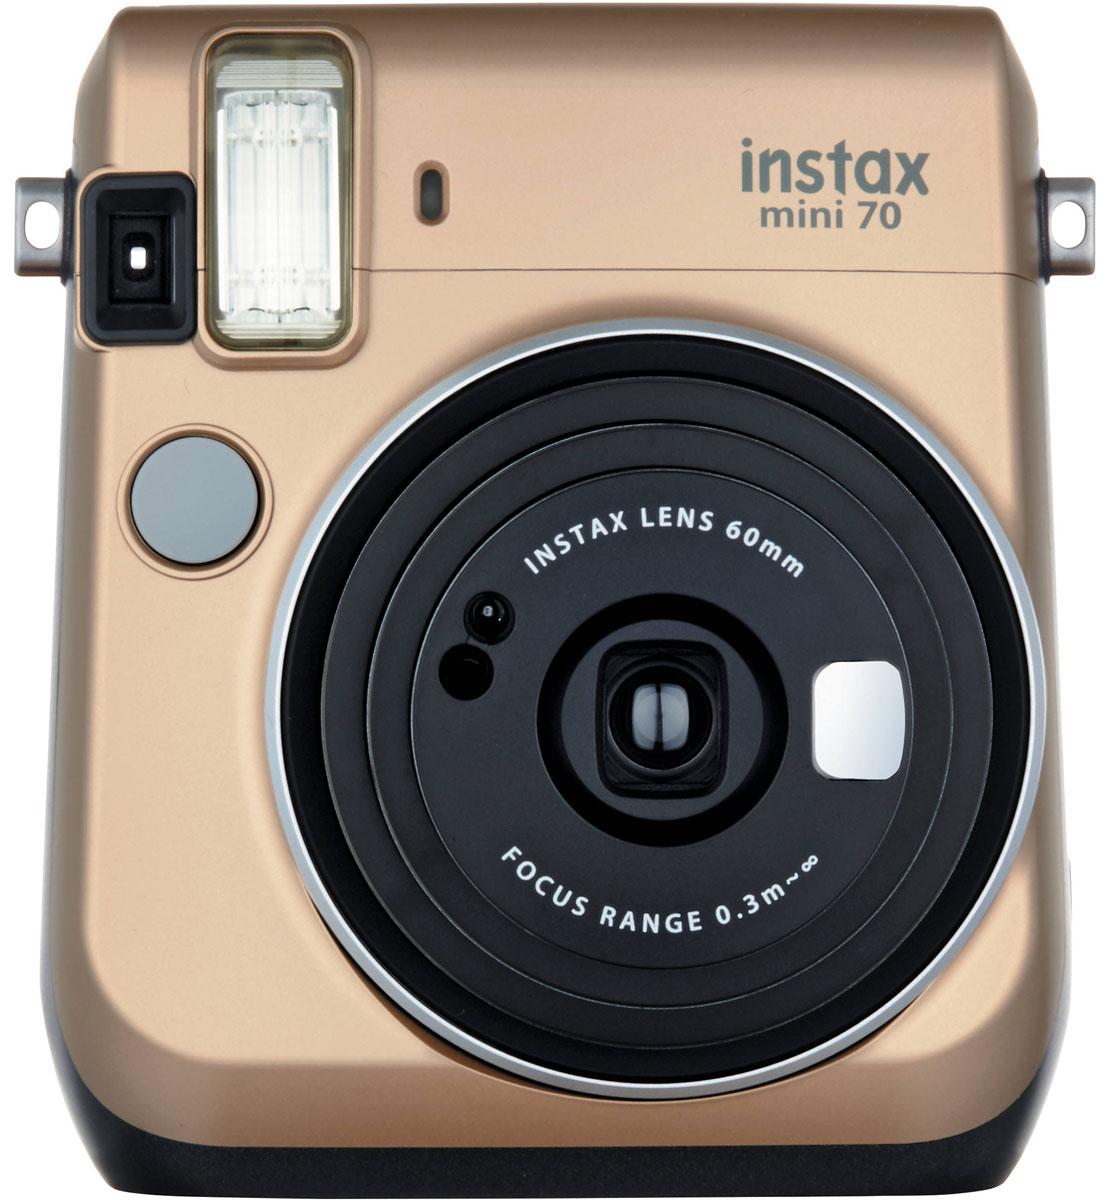 Fujifilm Instax Mini 70, Gold фотокамера мгновенной печати16513891С камерой Fujifilm Instax Mini 70 вы превратите серые будни в особенные дни, наполненные улыбками. Чтобы проводить время весело, всегда и везде берите с собой этот стильный фотоаппарат.Главной особенностью камеры является функция автоматического контроля экспозиции, которая позволяет запечатлеть, как объект съемки, так и фон в их естественной освещенности. Помимо этого Instax Mini 70 может похвастаться отдельным режимом съемки для создания cелфи.Использование режима selfie обеспечивает оптимальную яркость и расстояние для съемки автопортретов. Вы также можете проверить кадрирование в специальном зеркальце рядом с объективом.Высокопроизводительная вспышка автоматически определяет яркость окружающего освещения и устанавливает оптимальную выдержку - специальные настройки не требуются!С помощью функции Hi-Key можно запечатлеть яркие, красивые тона кожи. Также имеются режимы для съемки макро и пейзажей. Для максимального удобства также предусмотрена заполняющая вспышка и стандартное штативное гнездо.Используемая фотопленка: Fujifilm Instax MiniРазмер фотографии: 62 х 46 ммУправление экспозицией: автоматическоеКоррекция экспозиции: ±2/3 EVПитание: CR2/DL CR2 х 2Ресурс батарей: 30 упаковок фотобумаги (по результатам исследований Fujifilm)